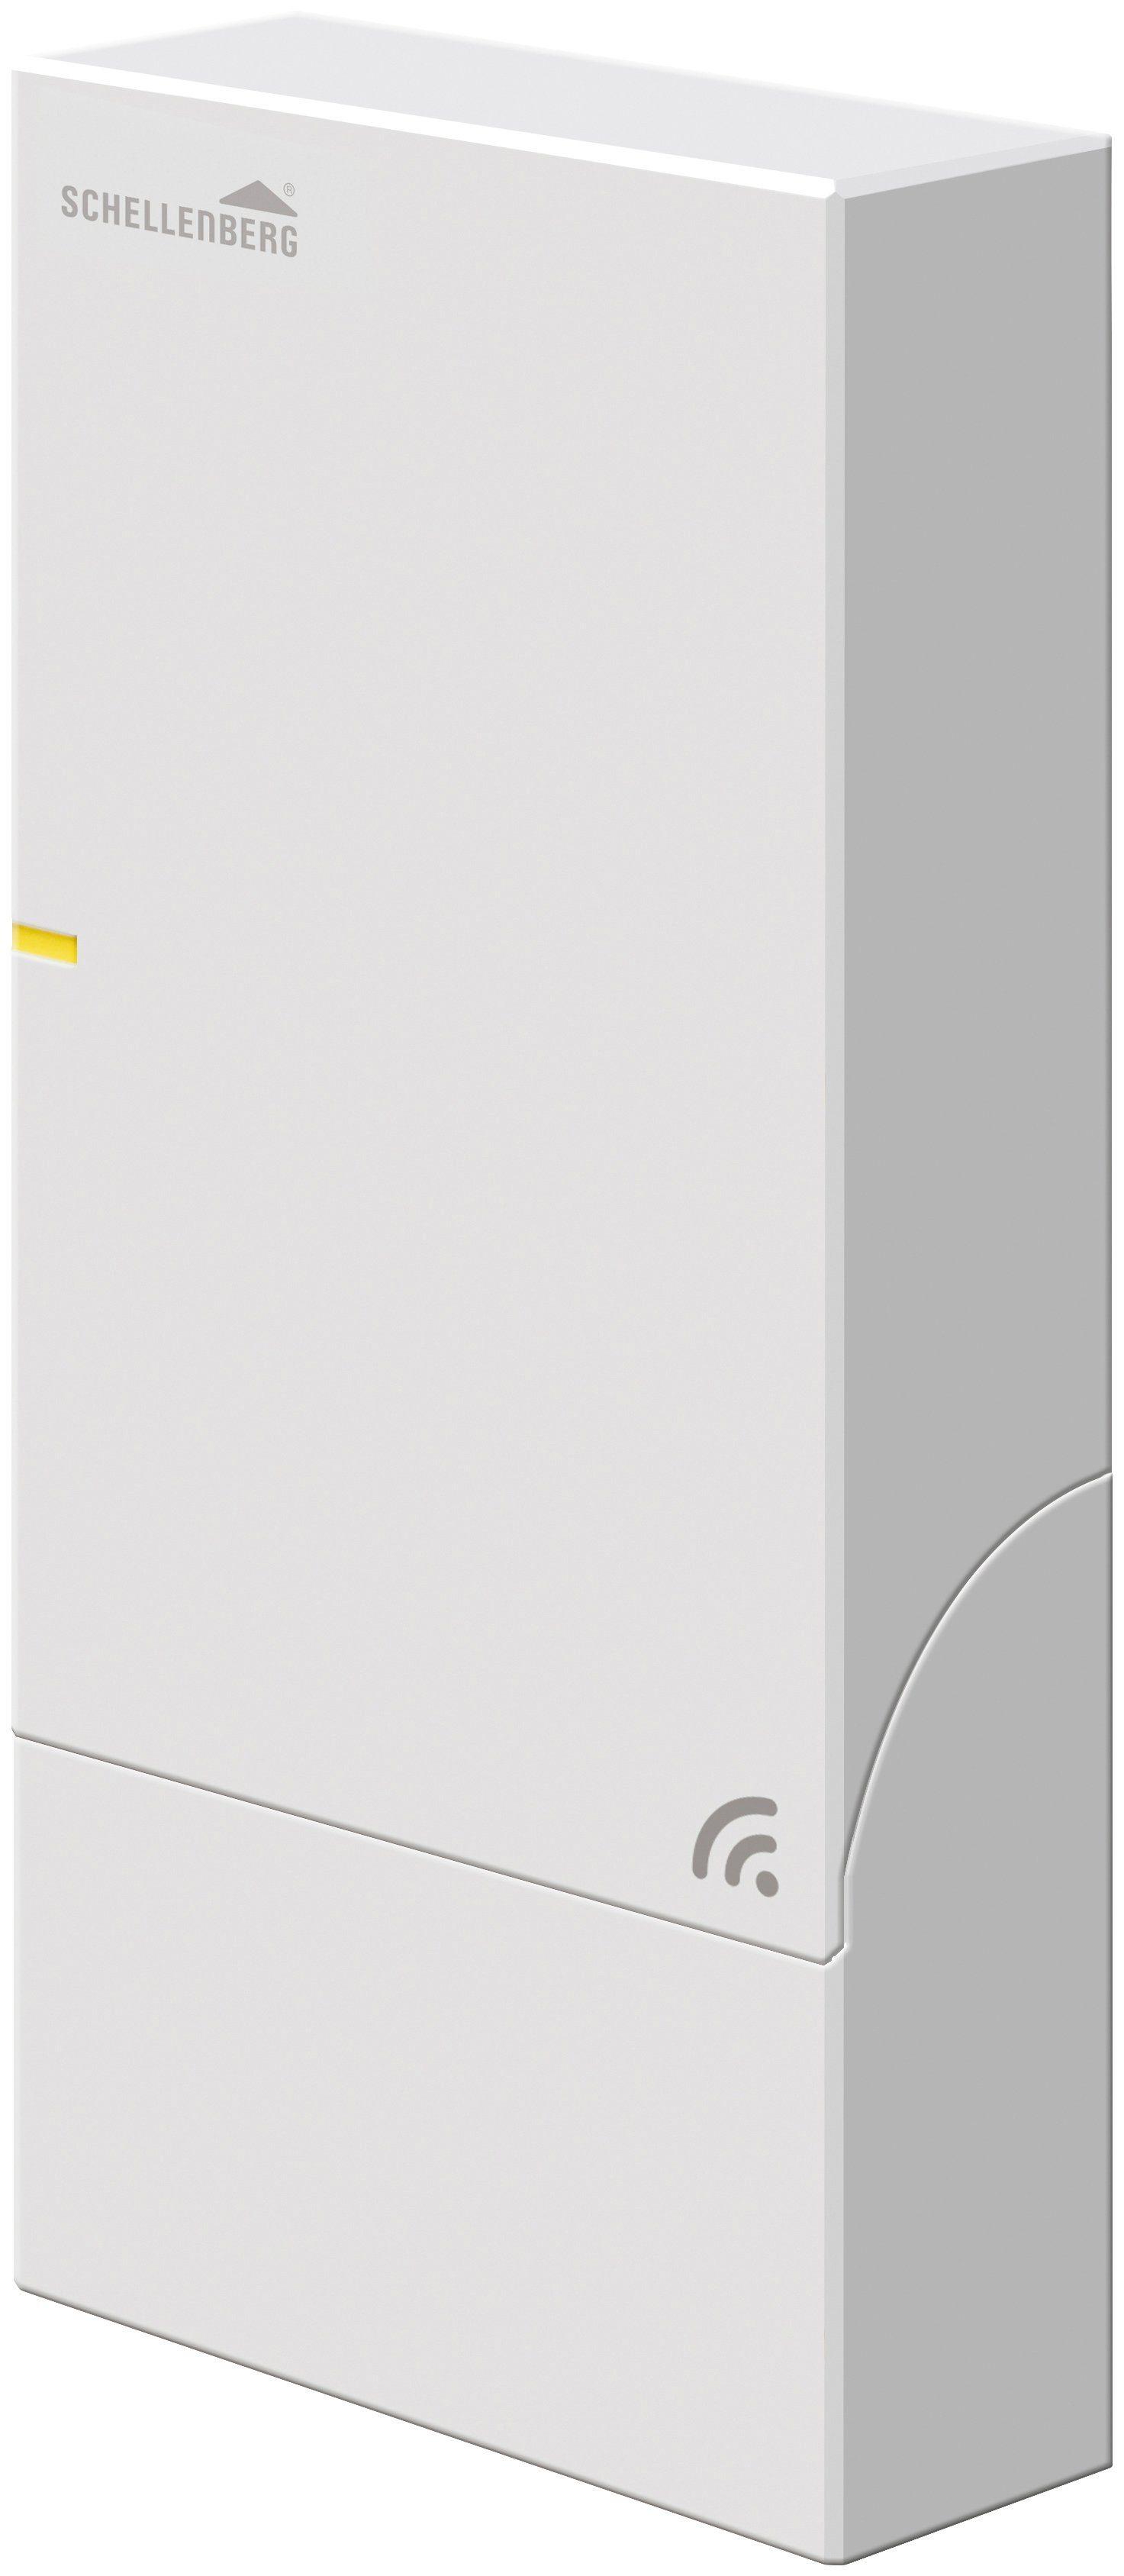 Gateway »SH1«, Funk Smart Home Steuerzentrale